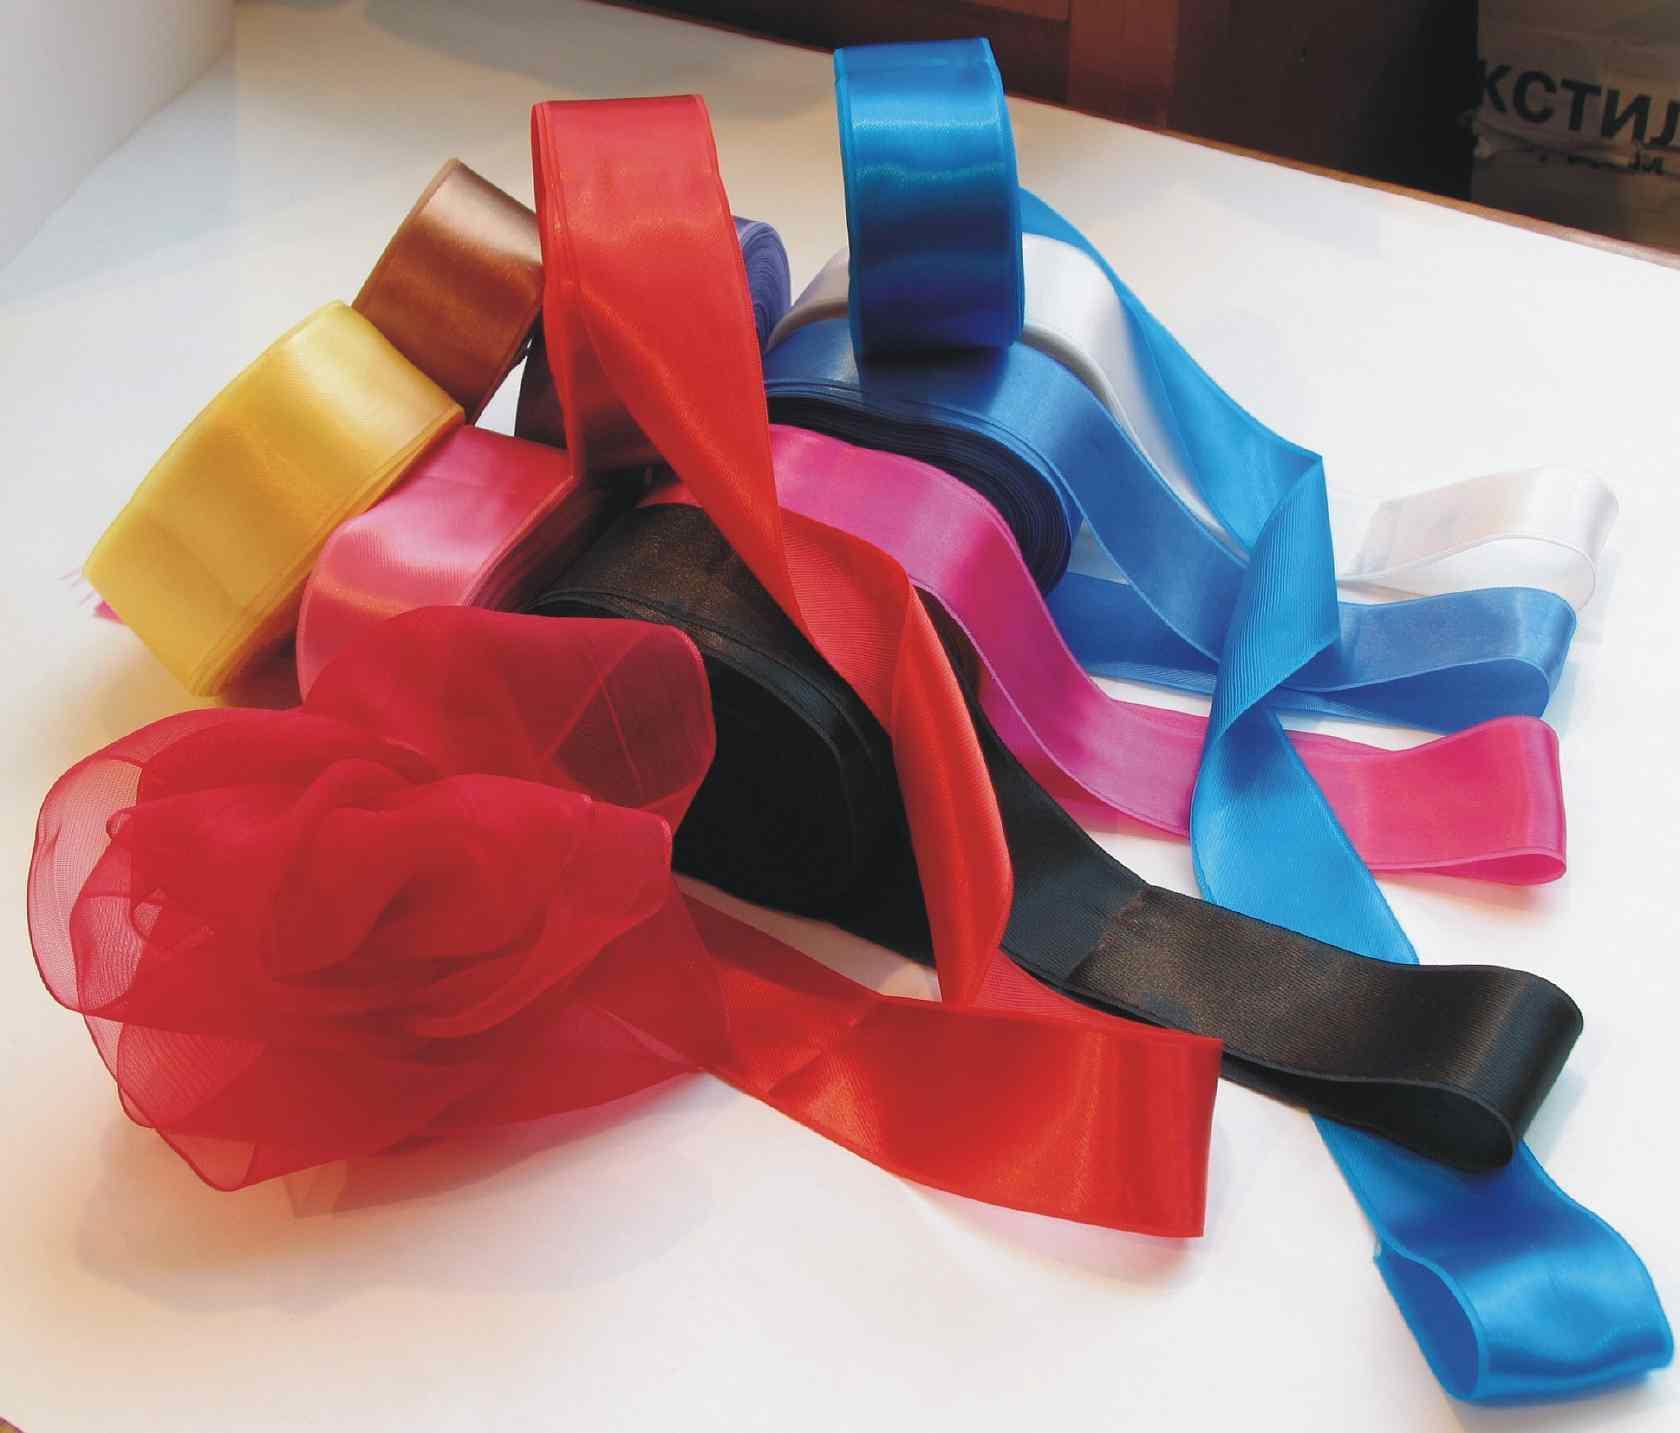 Канзаши топиария: фото, мастер-класс, МК из цветов в технике, видео, подсолнух из лент в стиле канзаши своими руками, розы из атласных лент